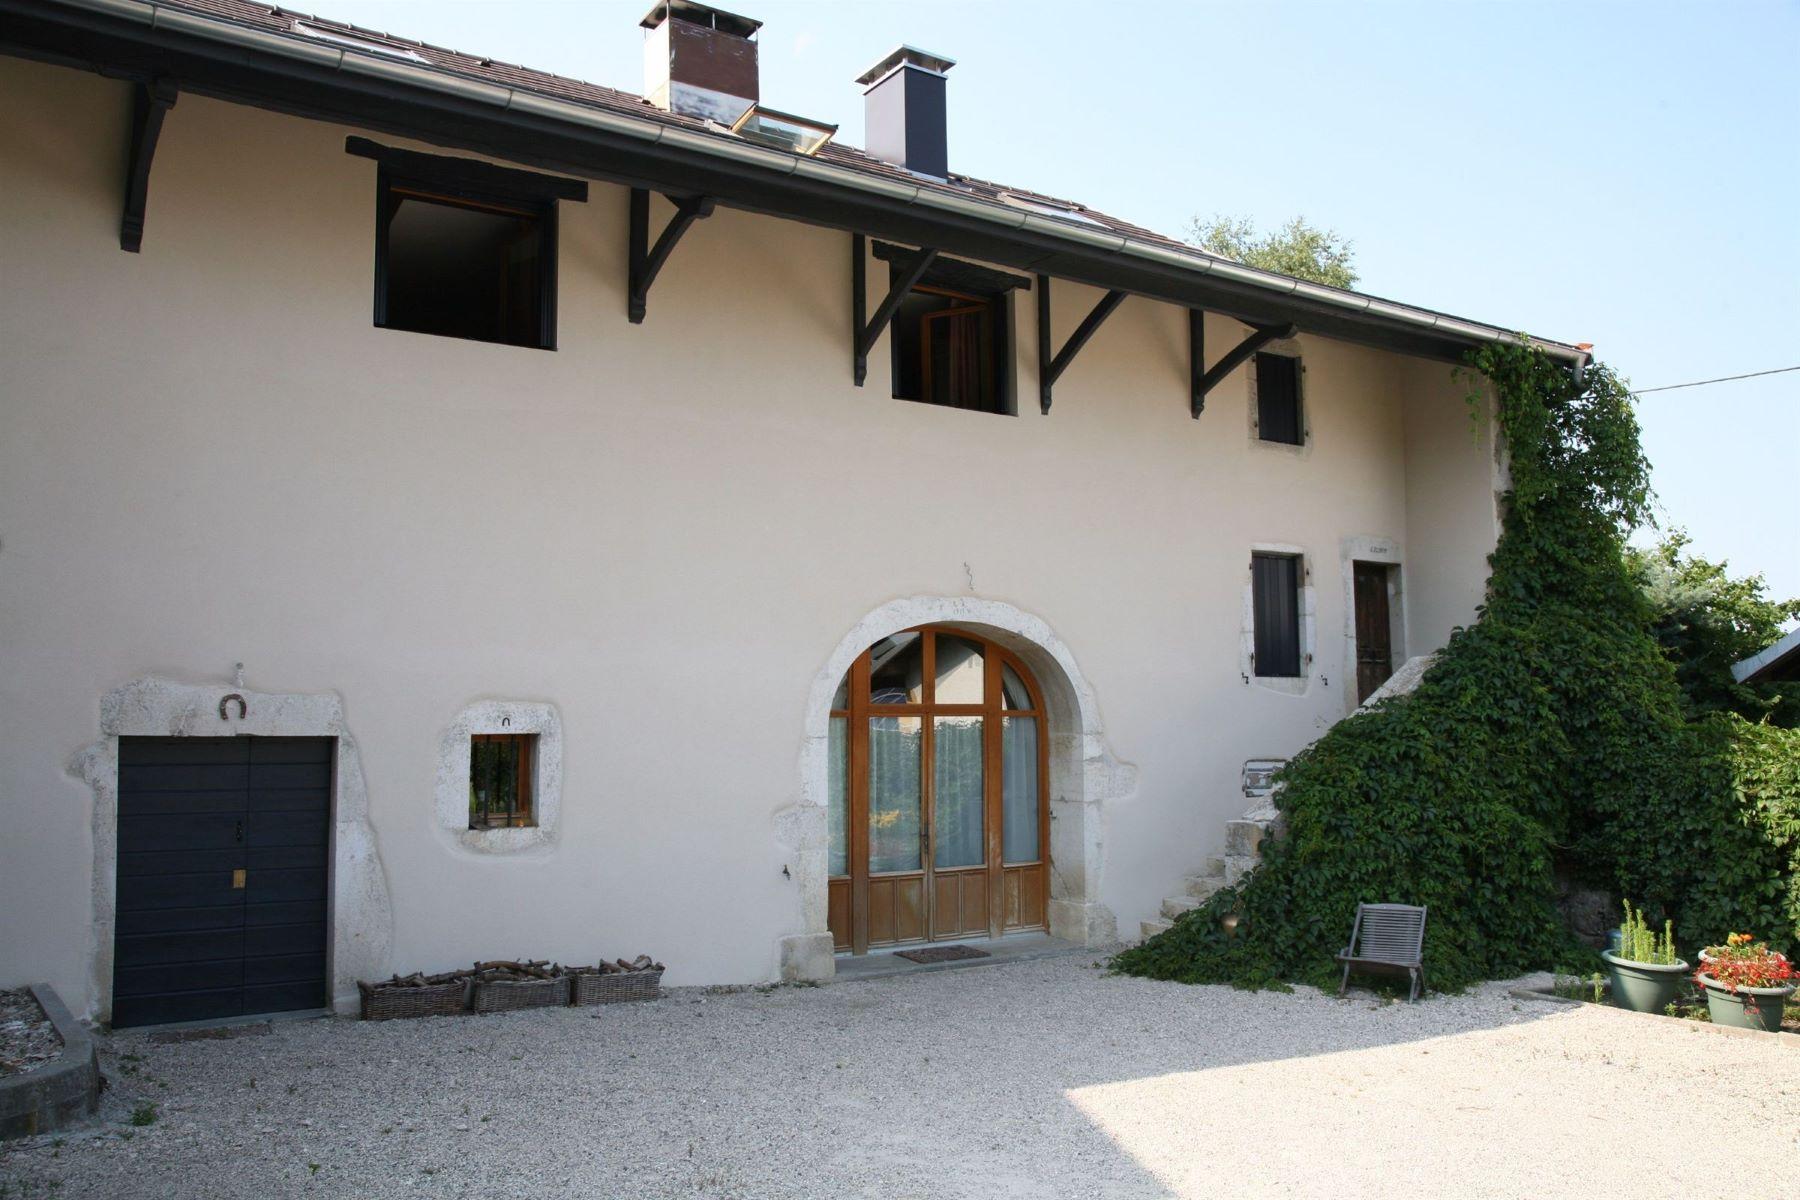 Maison unifamiliale pour l Vente à Property Dingy En Vuache, Rhone-Alpes, 74520 France